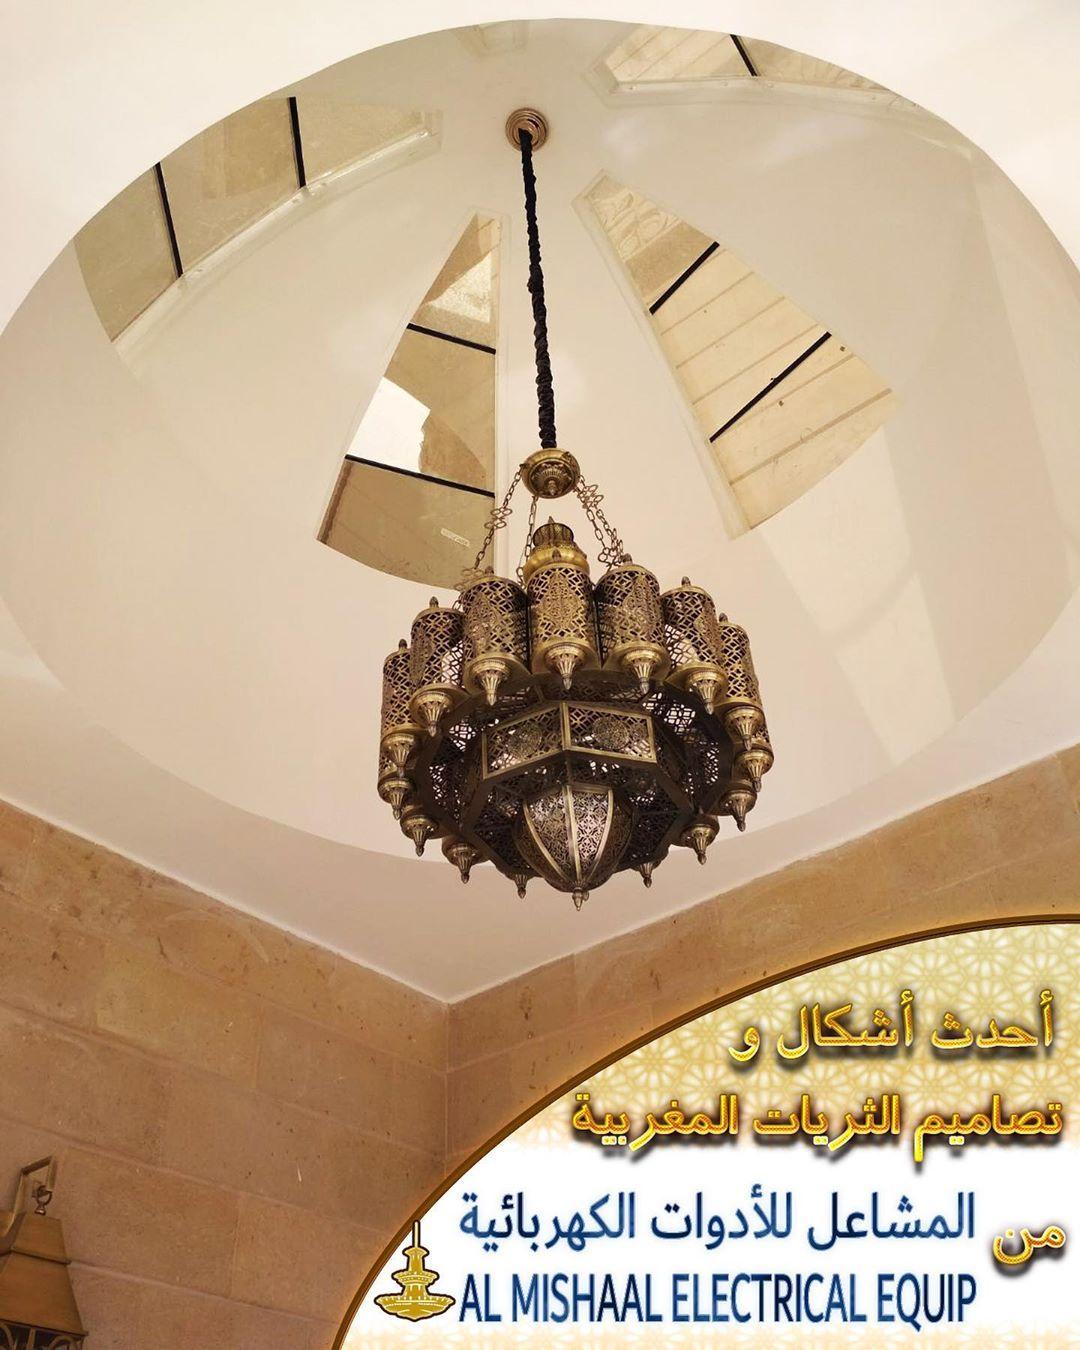 أجمل و أحدث تصاميم الثريات المغربية حصريا من شركة Al Fares فقط لدى المشاعل للأدوات الكهربائية للاستفسار يمكنكم زيارة أحد معارضنا أو الات Home Decor Decor Sale